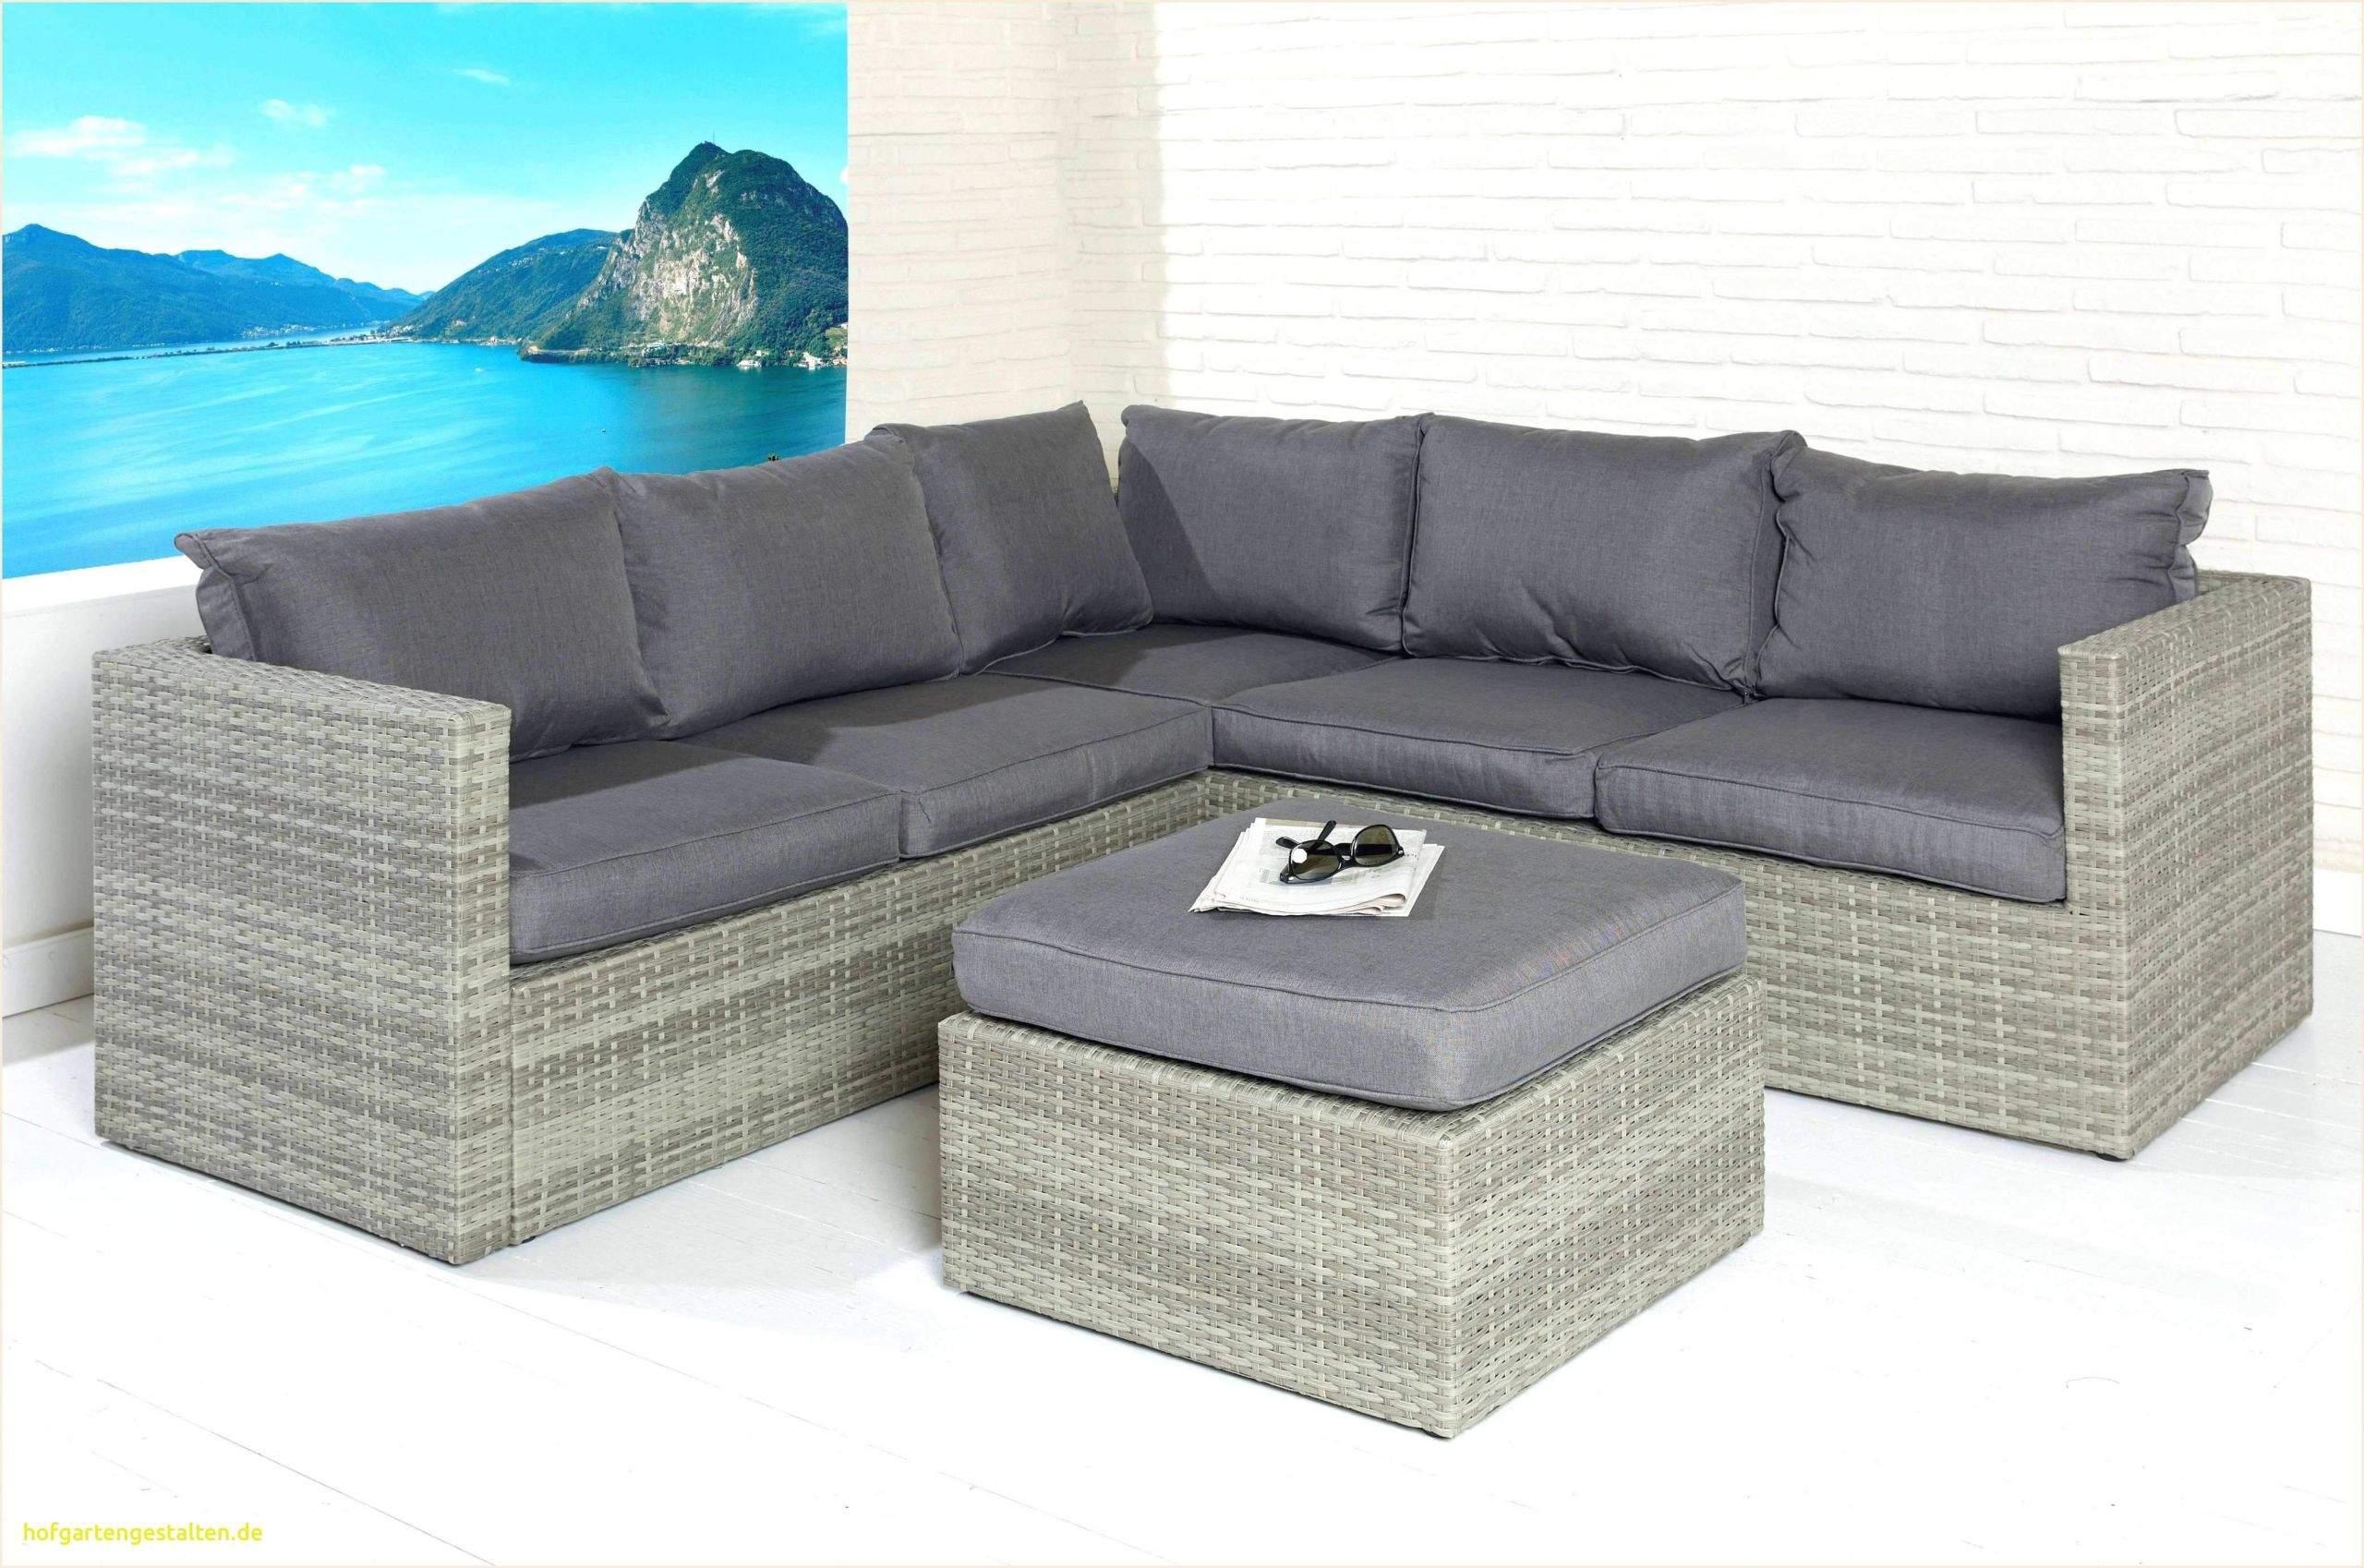 Lounge Möbel Garten Schön 33 Genial Höffner Wohnzimmer Einzigartig